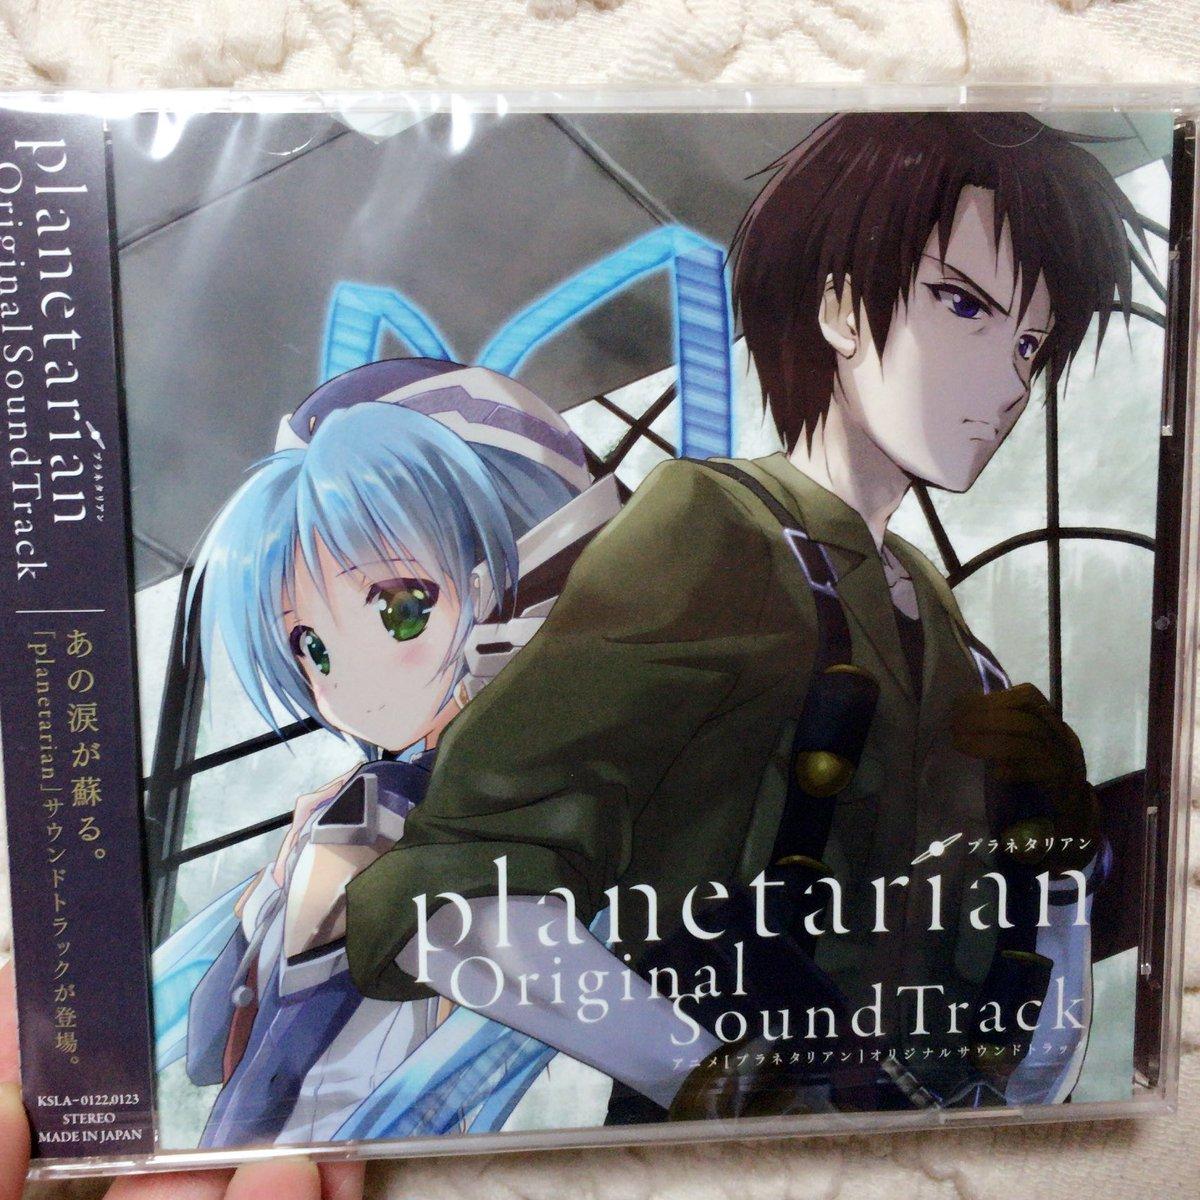 アニメ「planetarian」のオリジナルサウンドトラックが来週26日(水)に発売されますっ(*^^*)ジャケット素敵